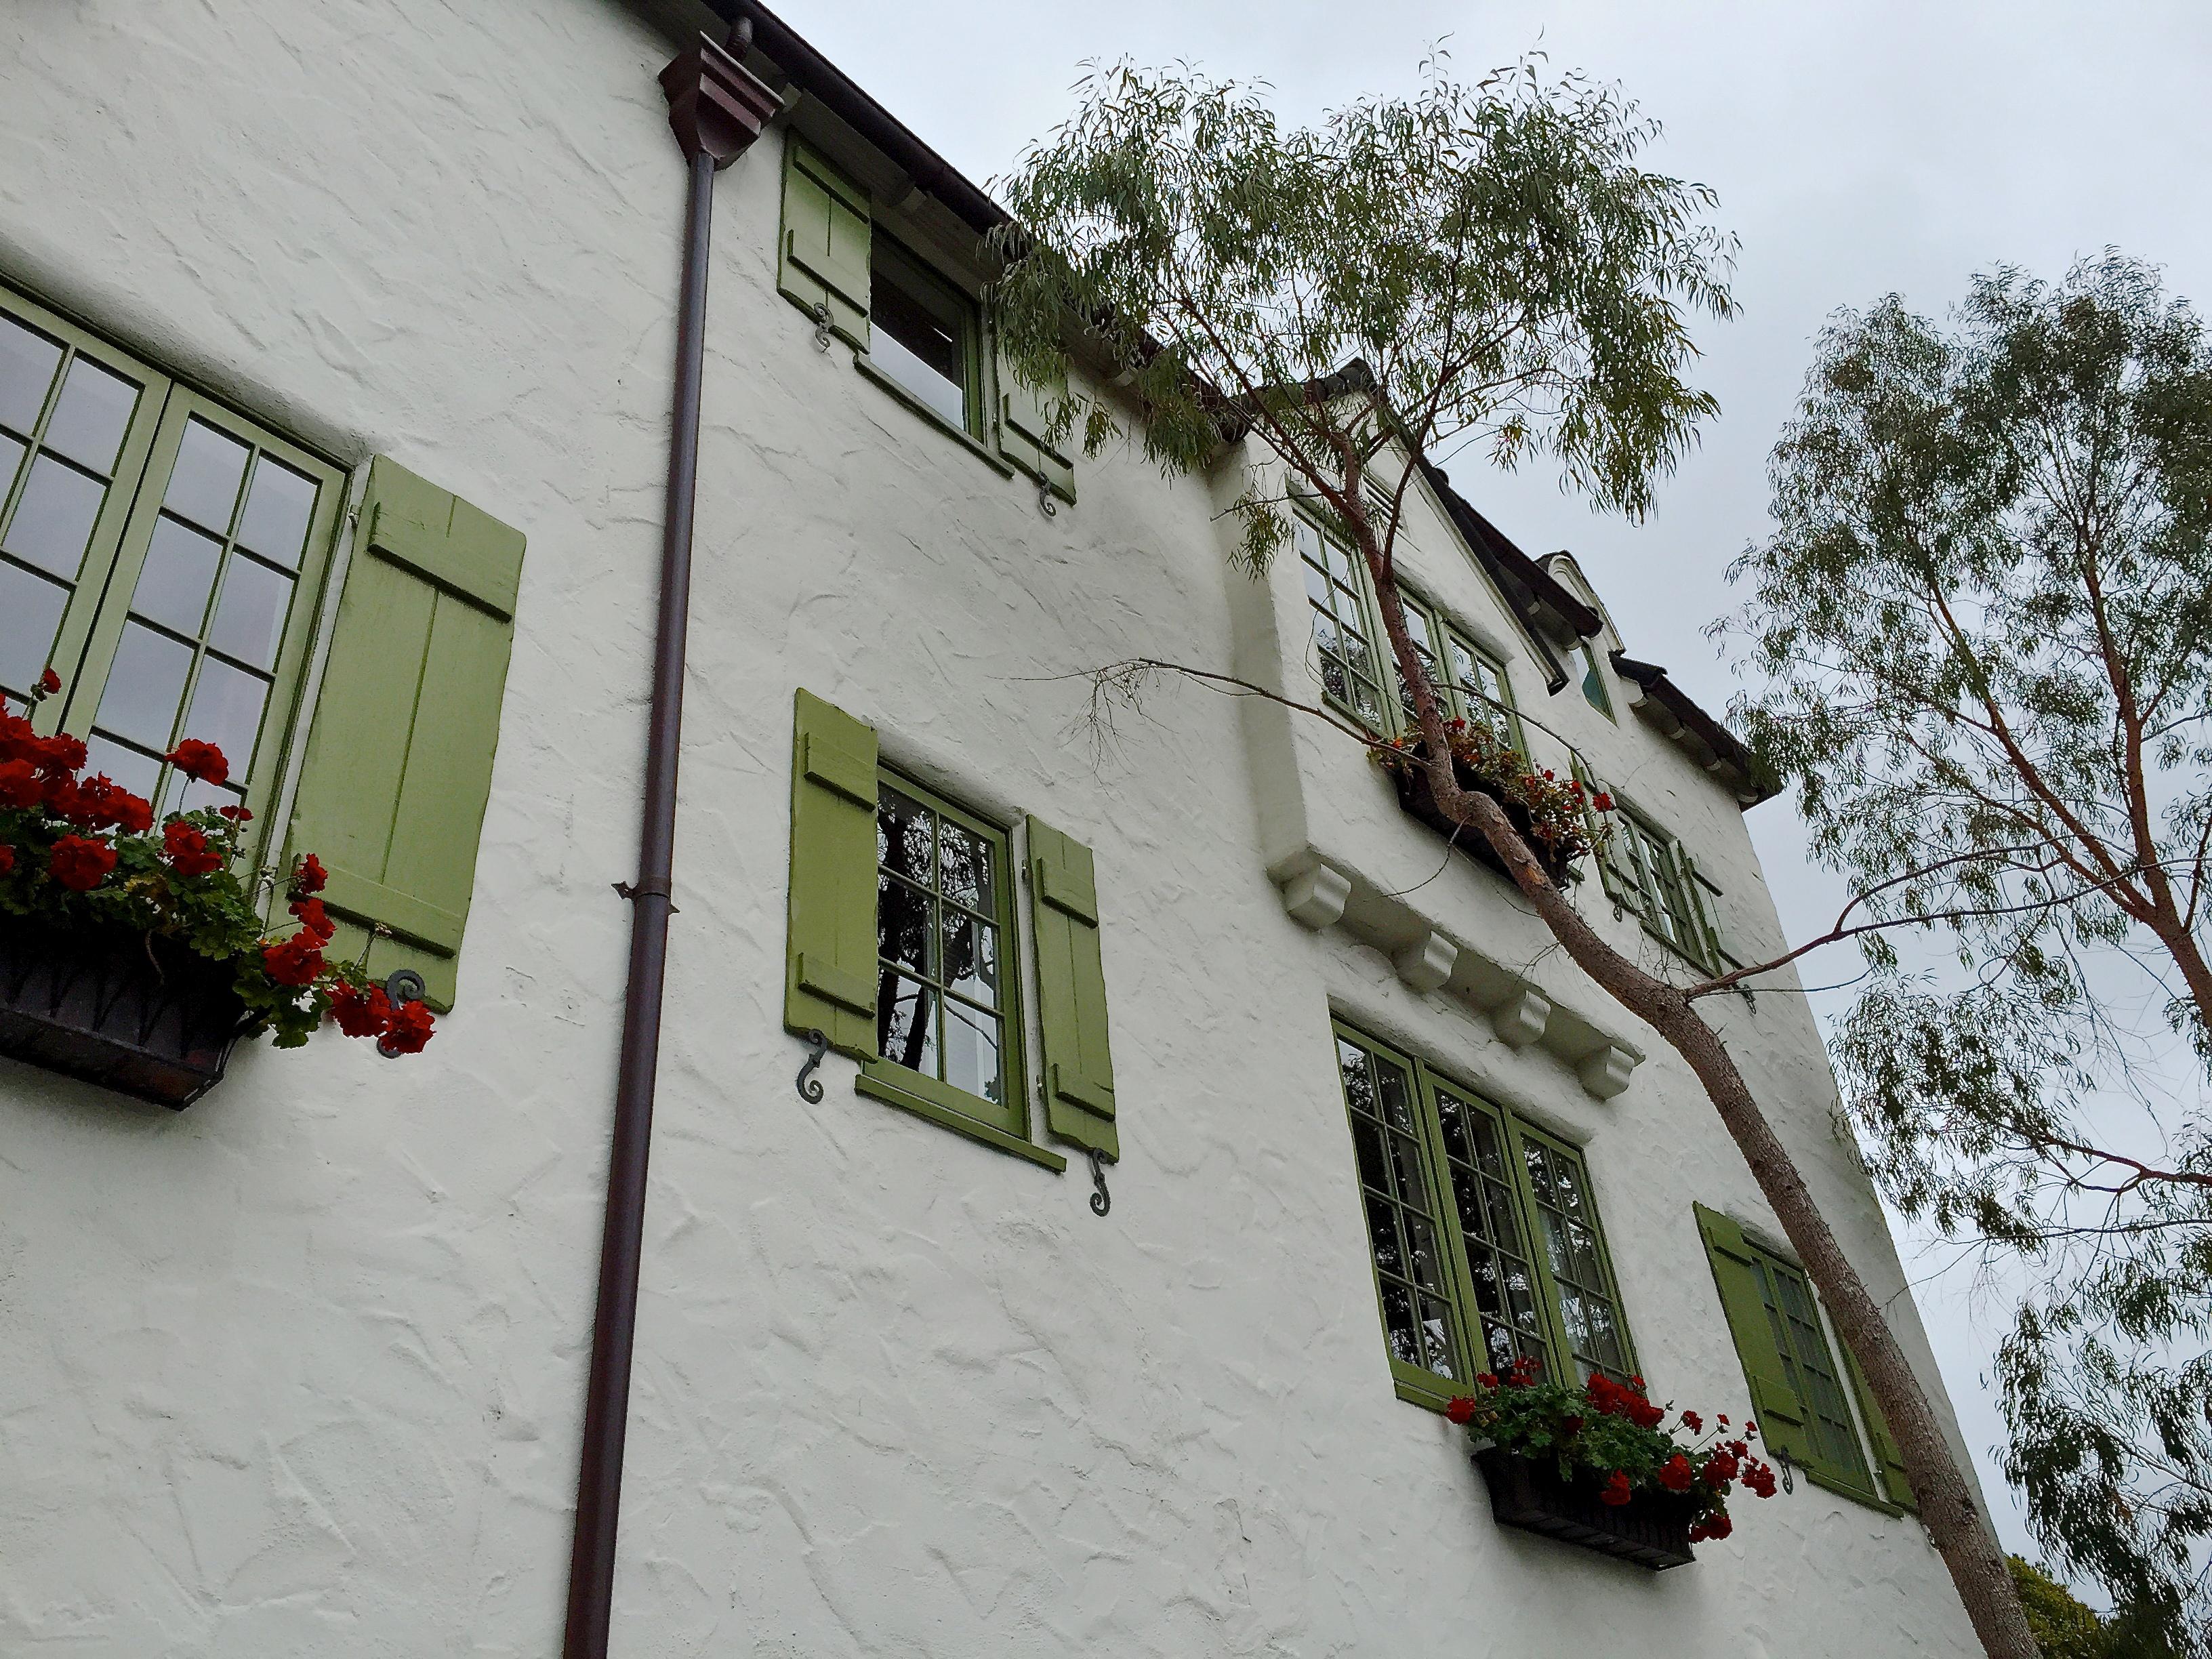 L'Auberge Carmel Hotel